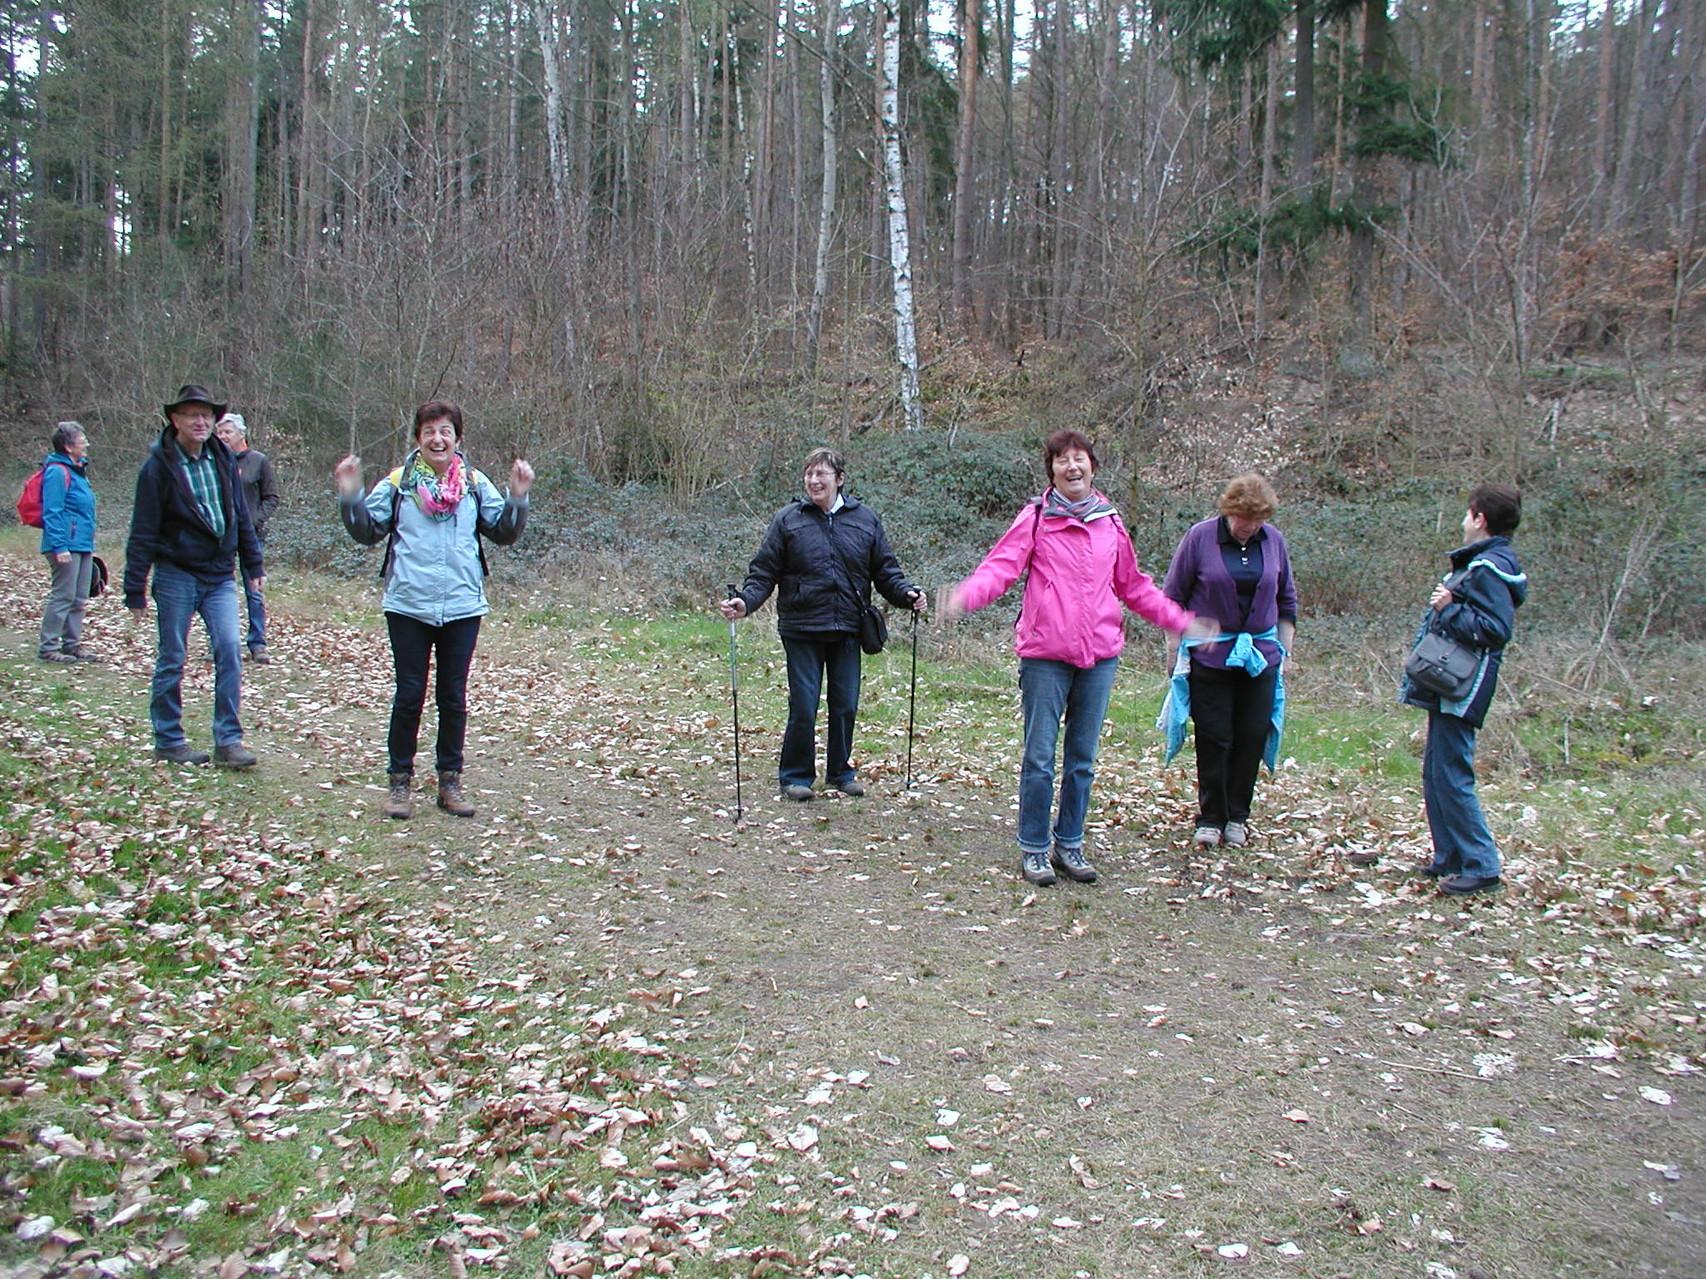 Wanderung zum Sophienhof Raibreitenbach am 23.03.14 - gut gelaunt gewandert